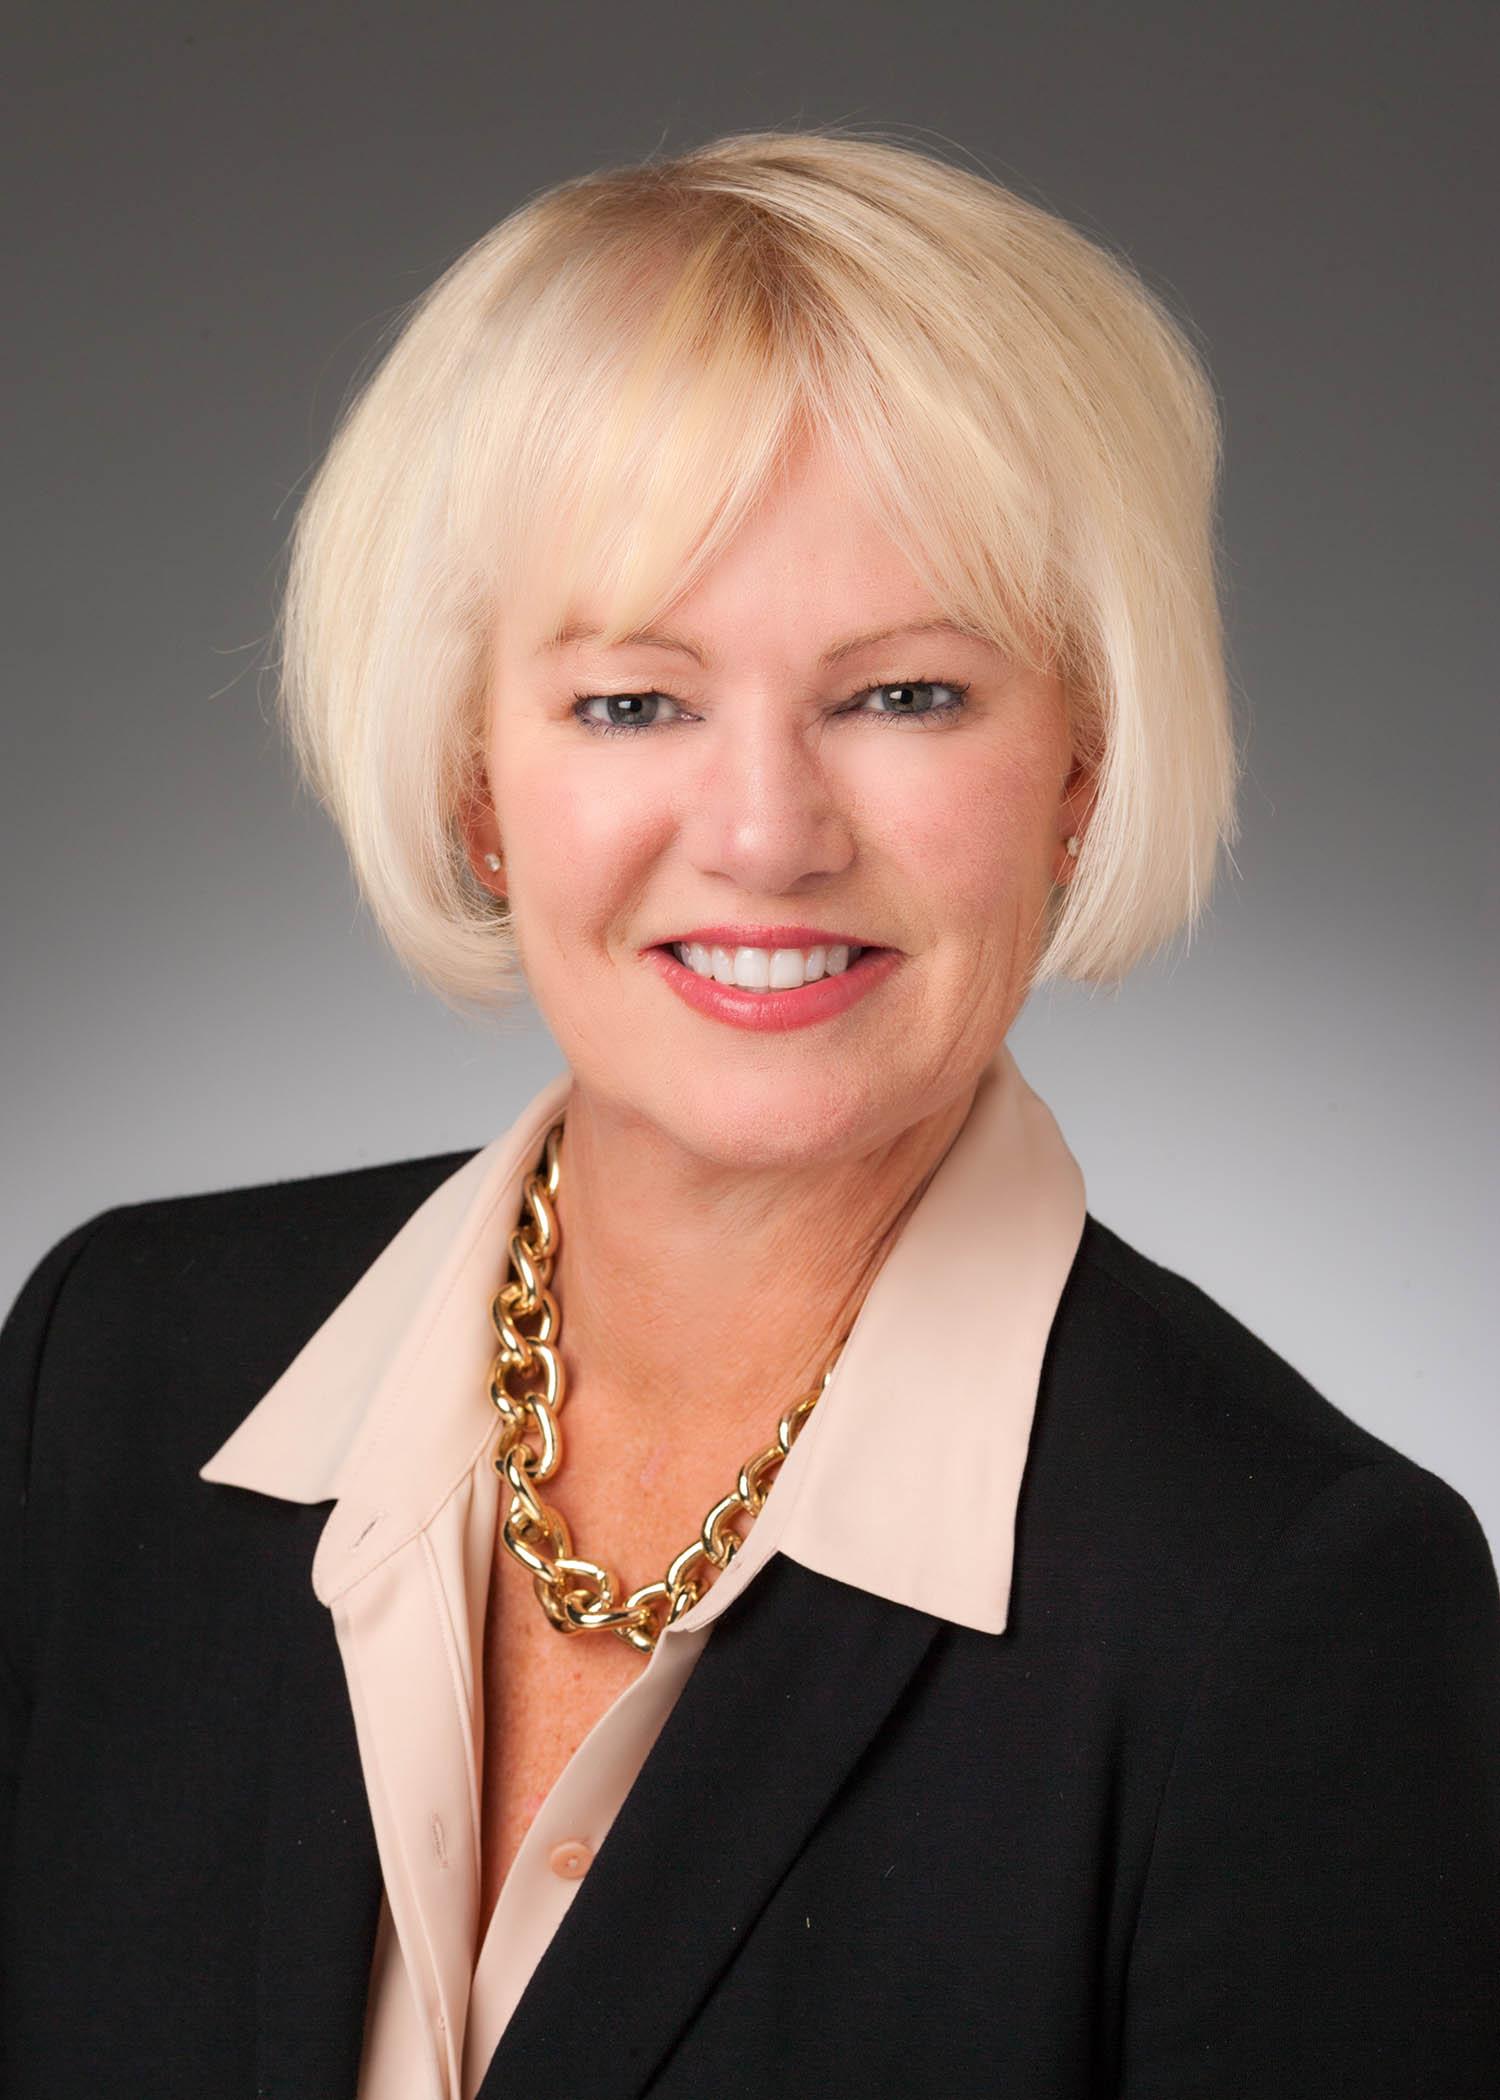 Linda Hoffman 6188.jpg